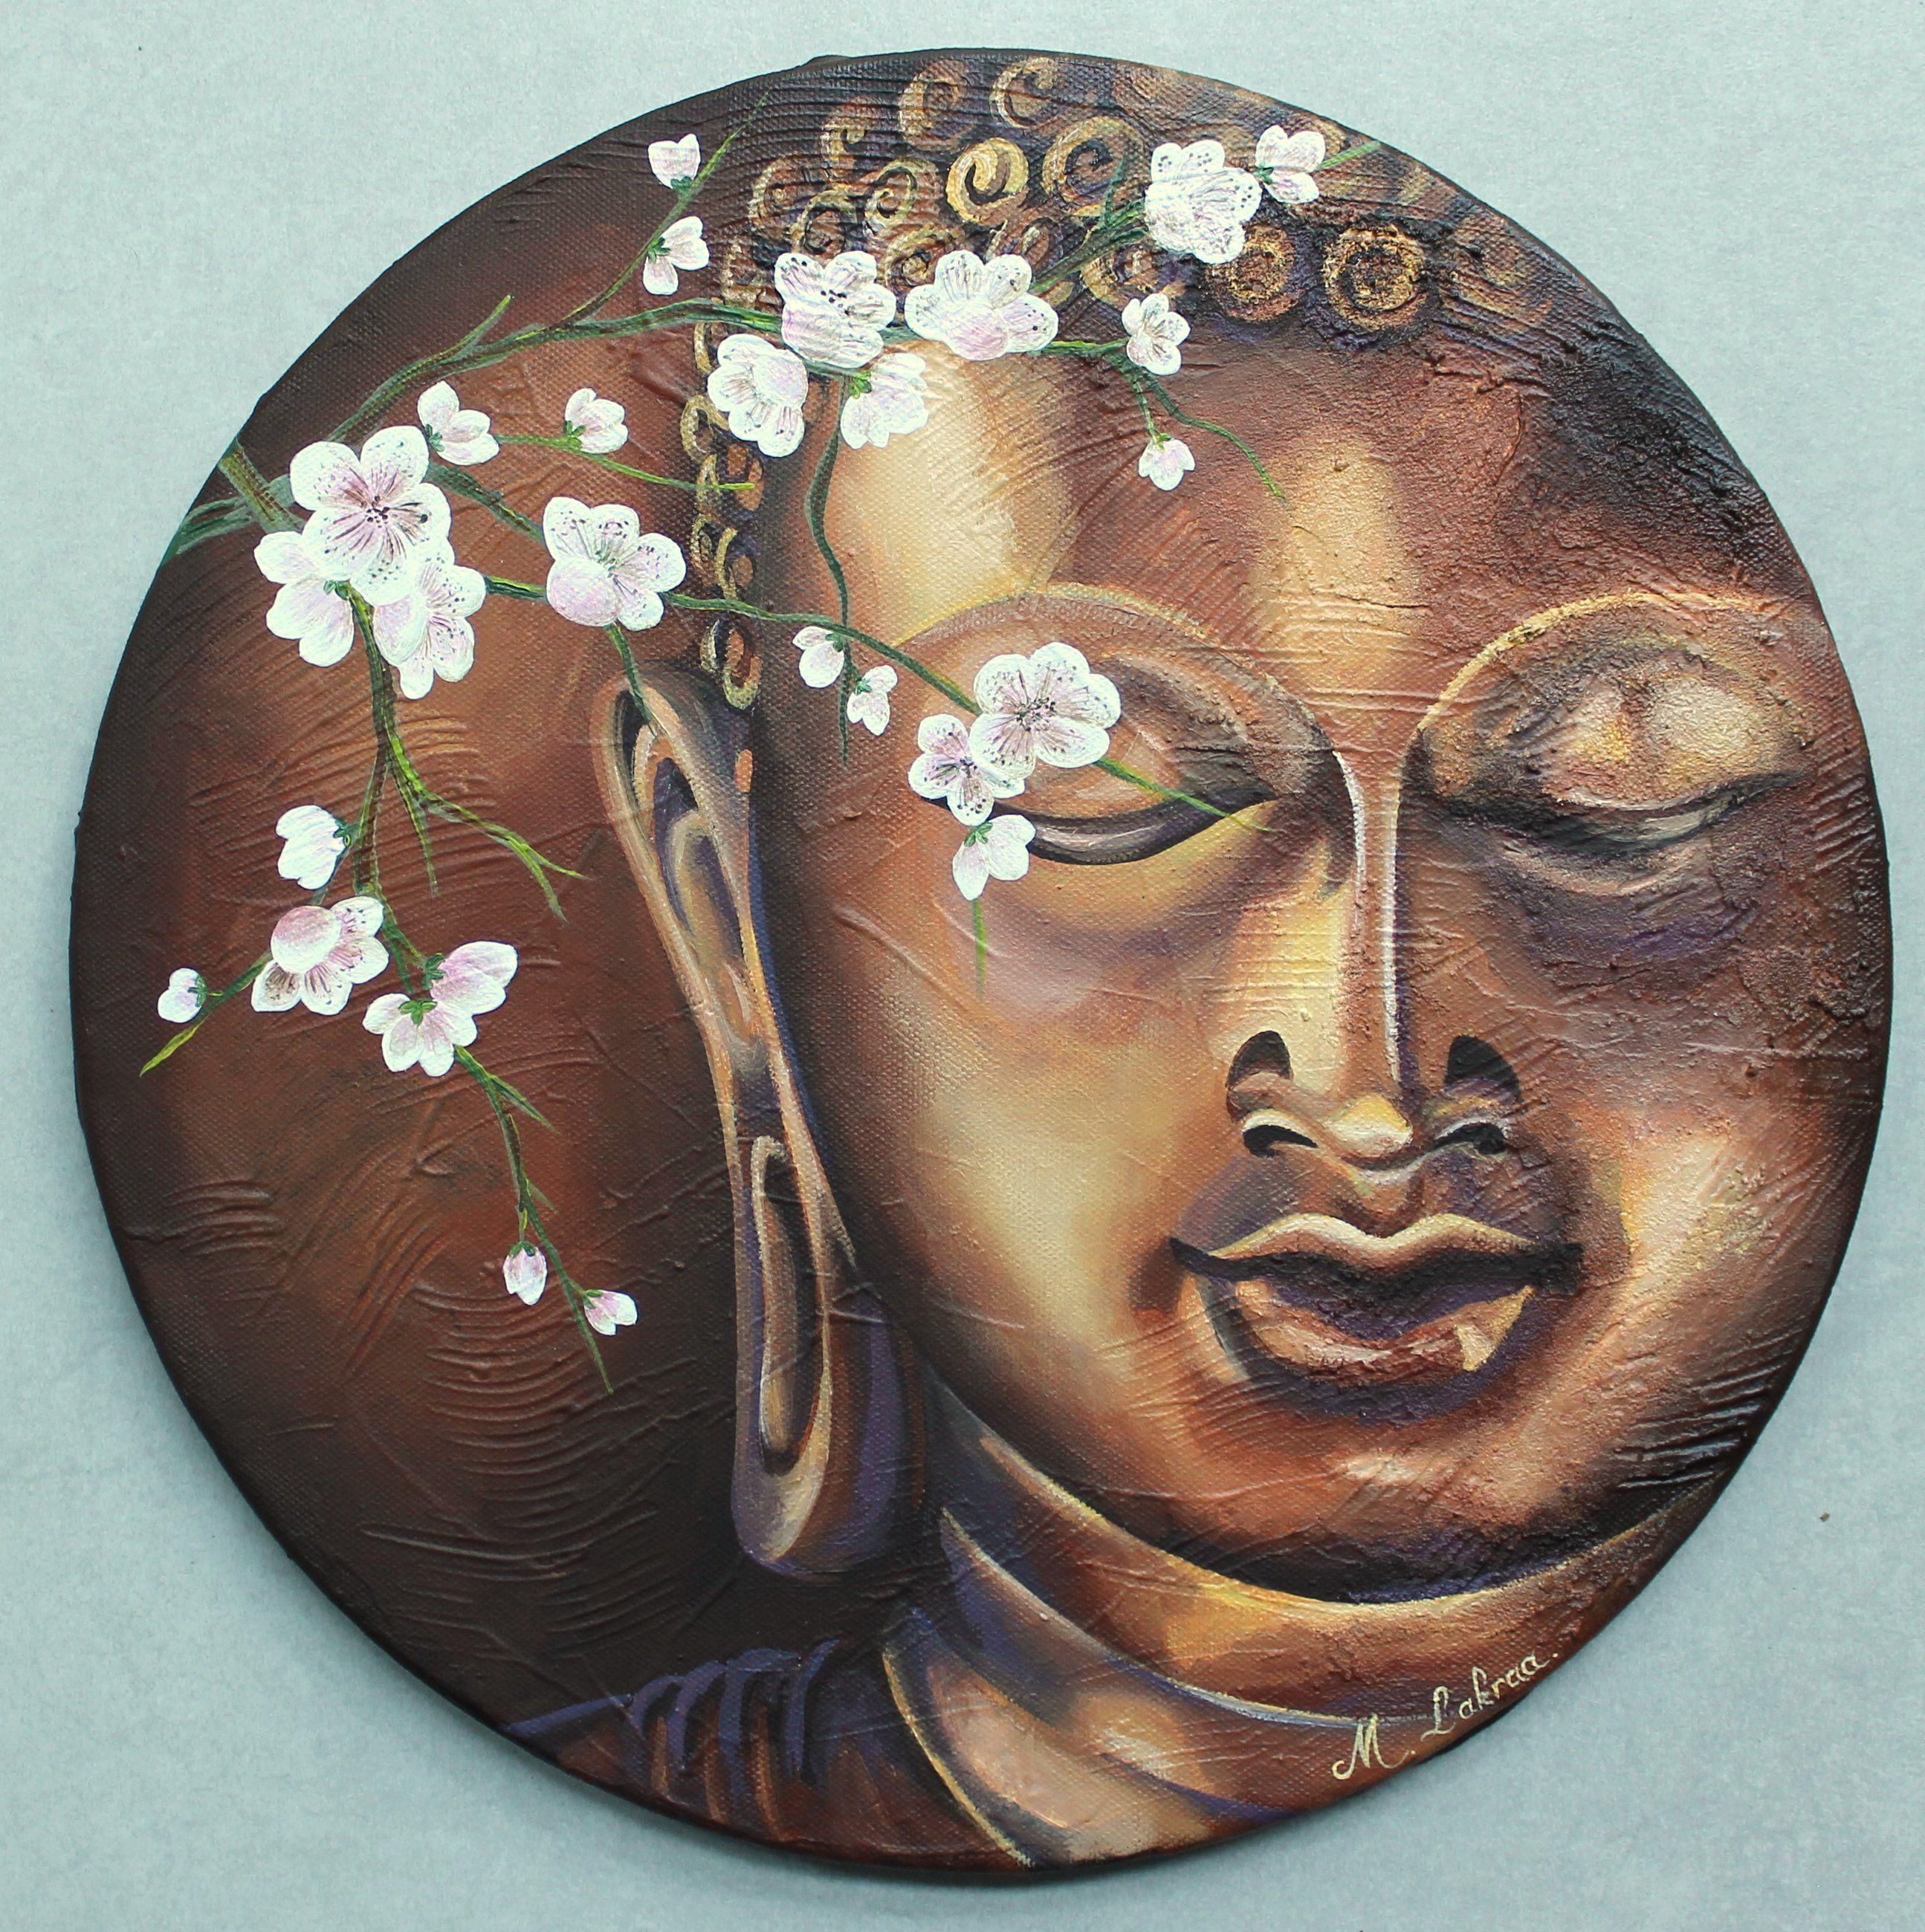 Bouddha et fleurs de cerisier commande peinture acrylique sur toile fond textur au gesso for Peinture acrylique sur toile